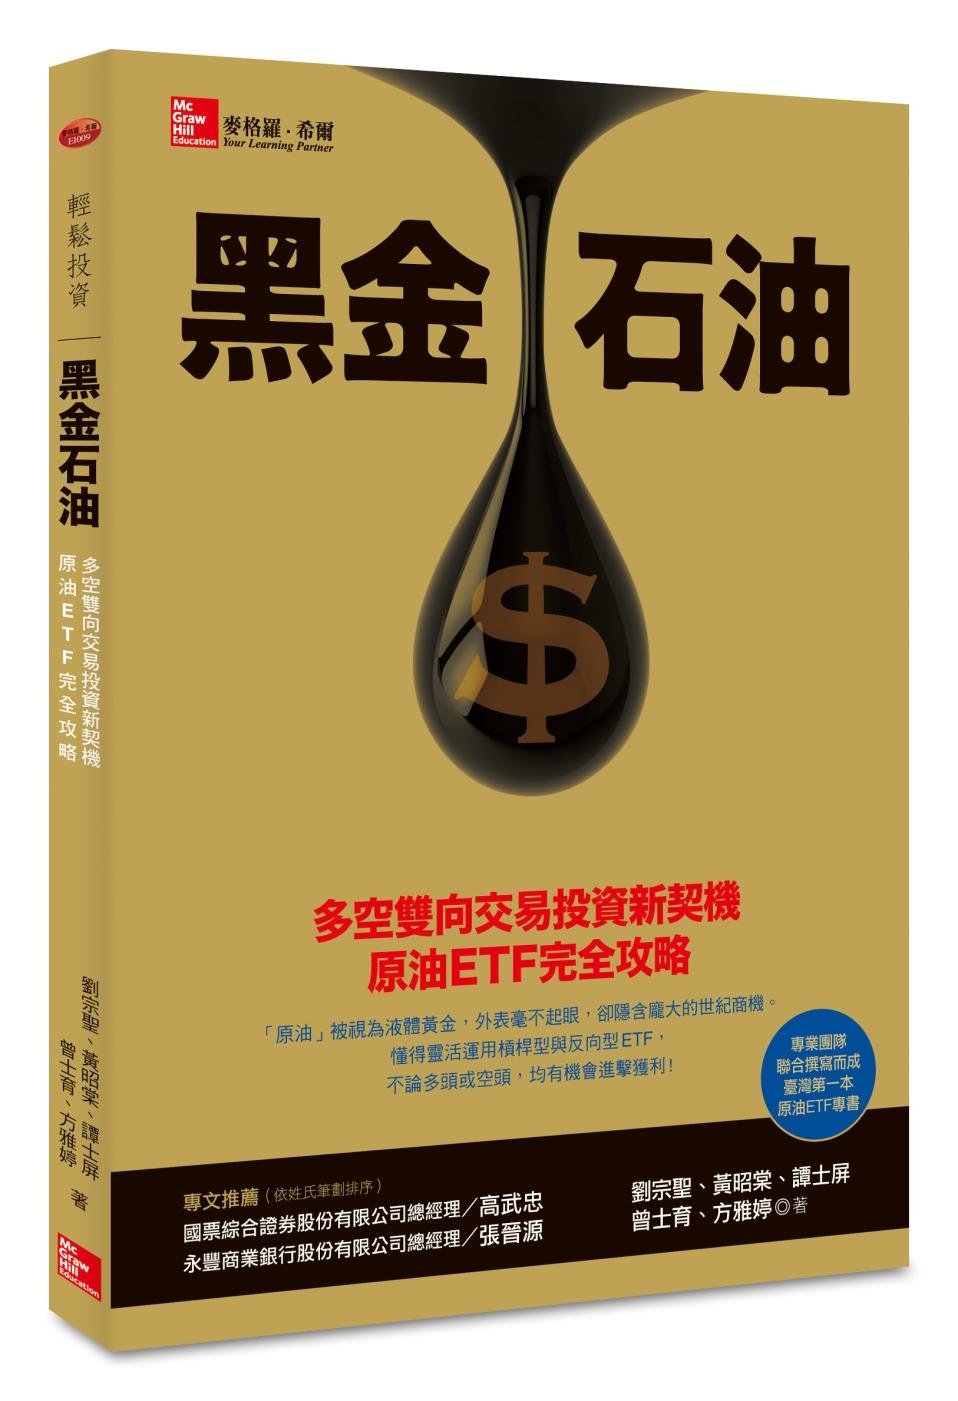 黑金石油:多空雙向交易投資新契機,原油ETF完全攻略